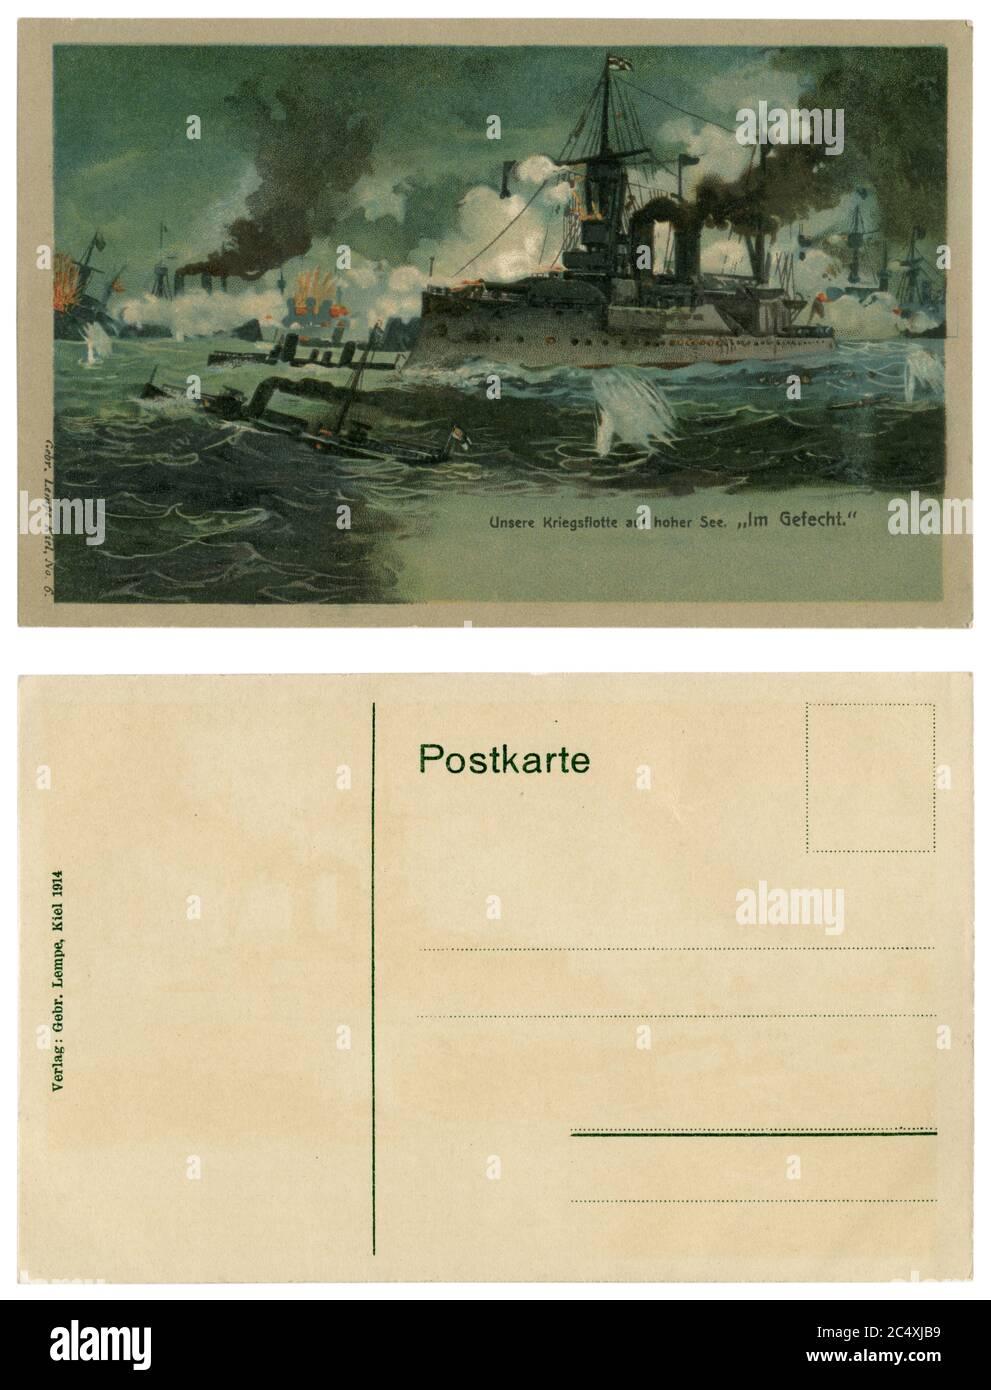 Carte postale historique allemande : notre flotte de guerre en haute mer 'au combat', la flotte ennemie est en feu, la Marine allemande impériale, la guerre mondiale un 1914-1918 Banque D'Images